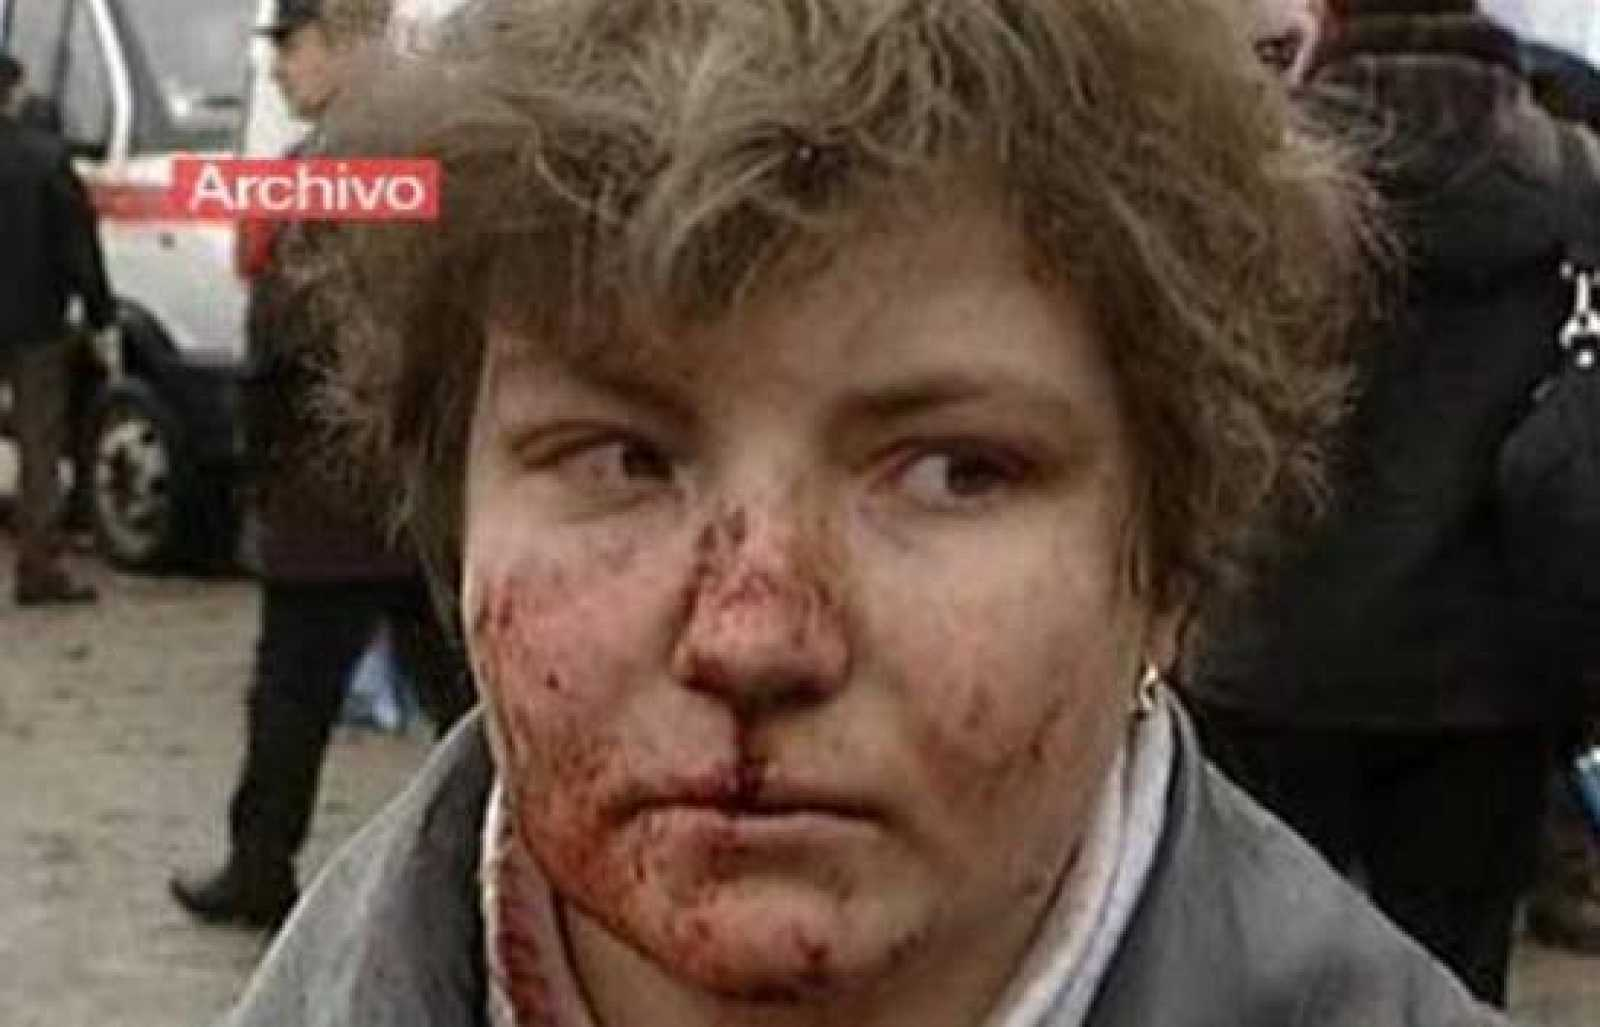 Los atentados de este lunes son los más graves desde 2004. En una década, la capital rusa ha sido escenario de varios atentados reivindicados por terroristas del Caúcaso.